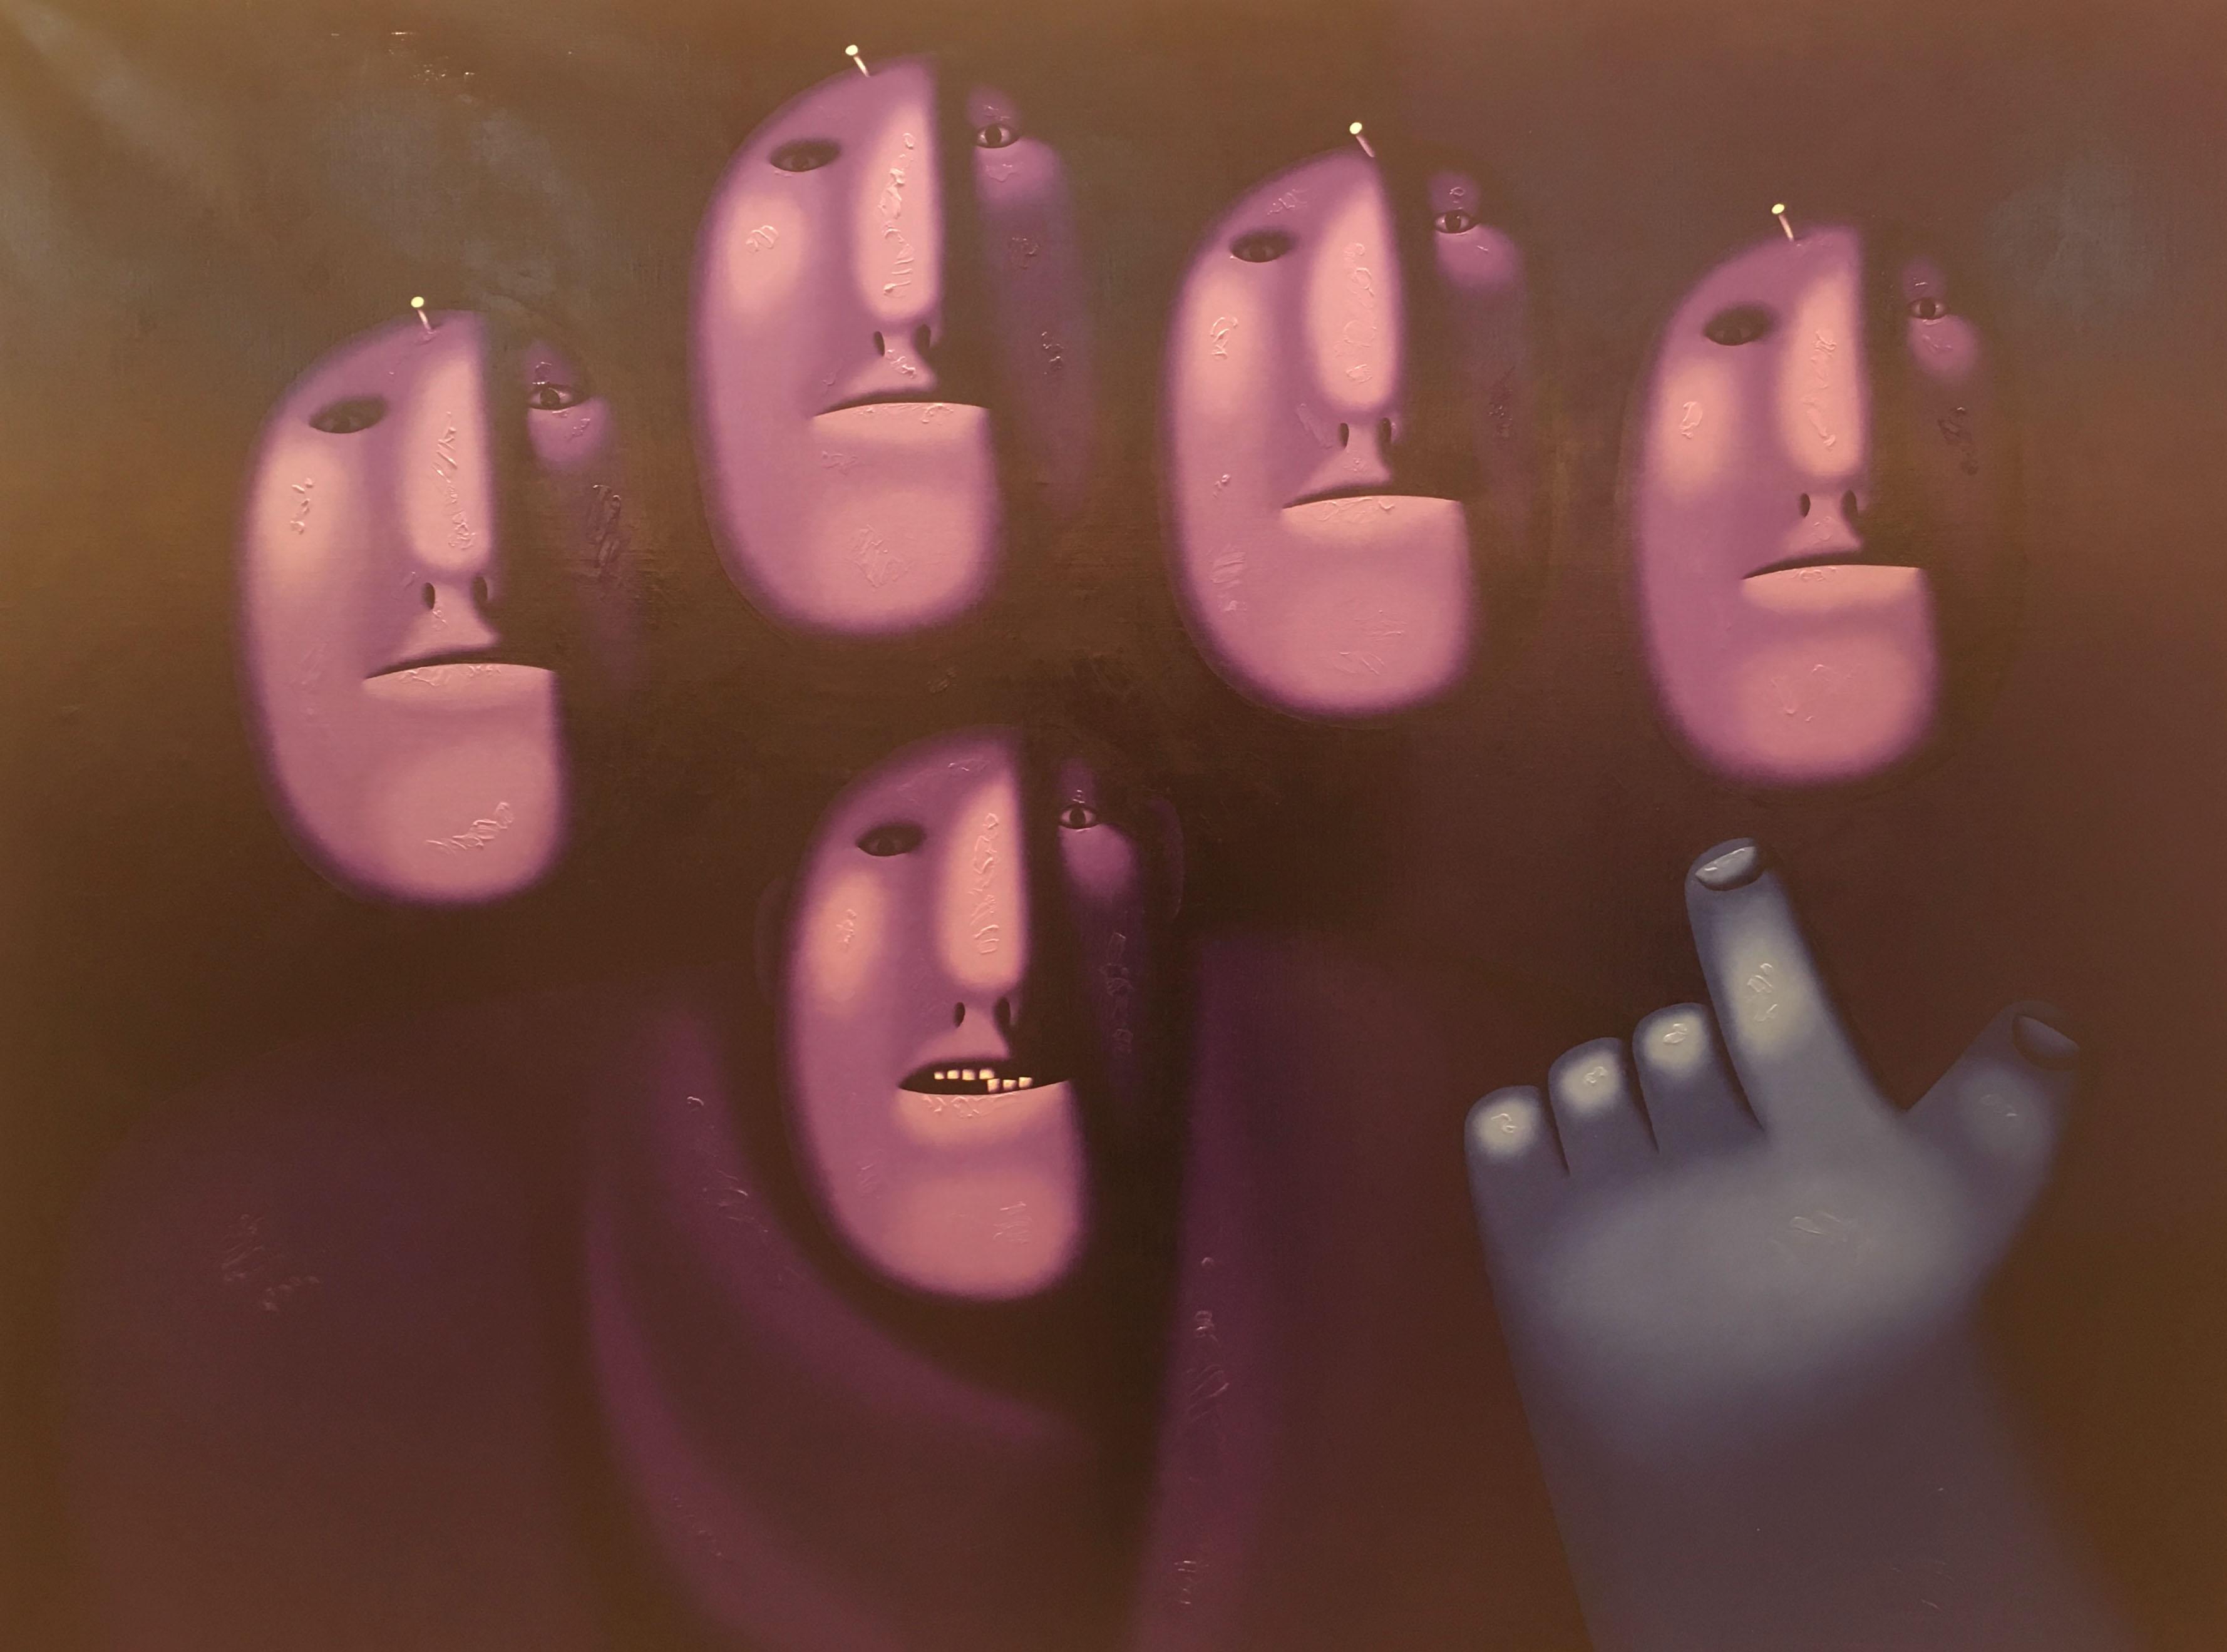 Художник Олег Целков картина Без названия пейзажи природы Альберт Сафиуллин